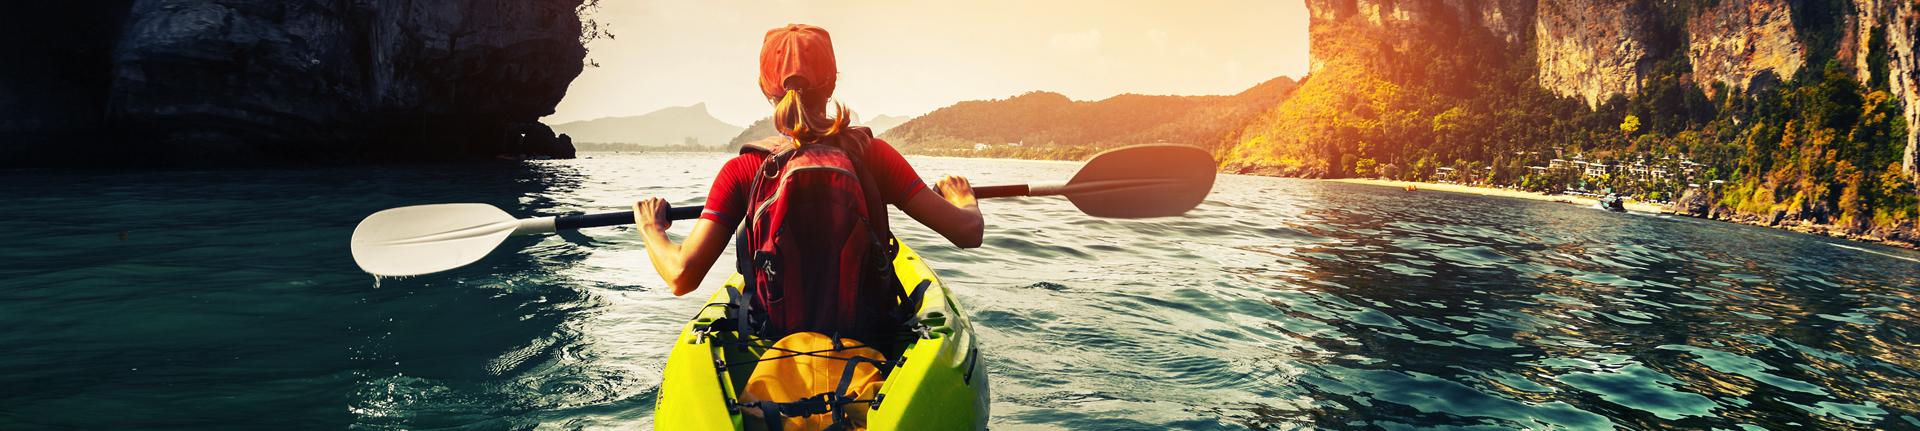 Os benefícios da canoagem